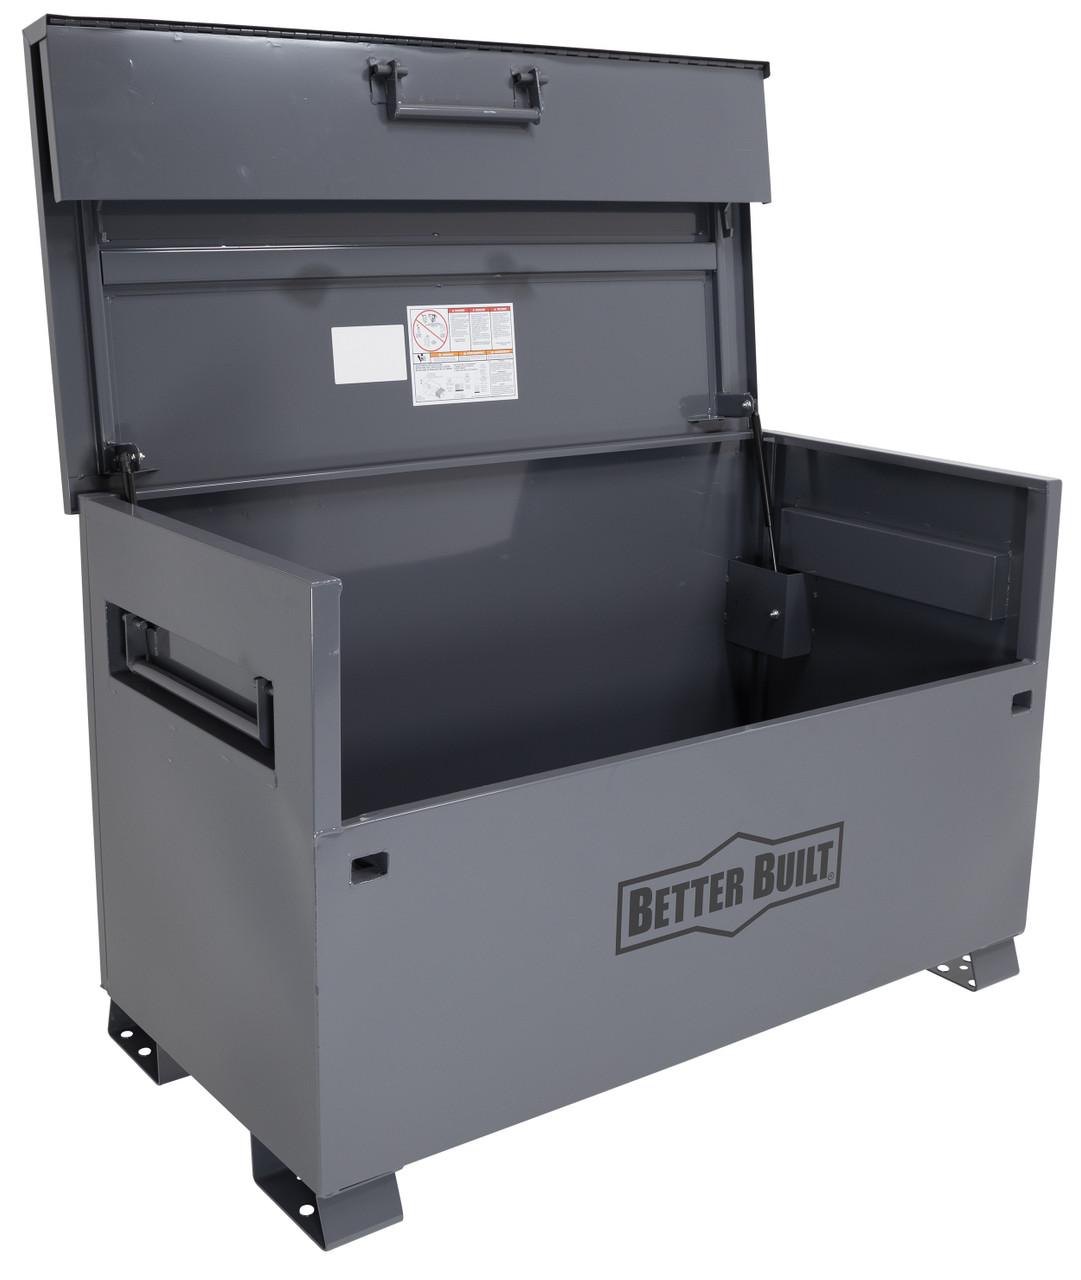 Better Built - Jobsite Storage